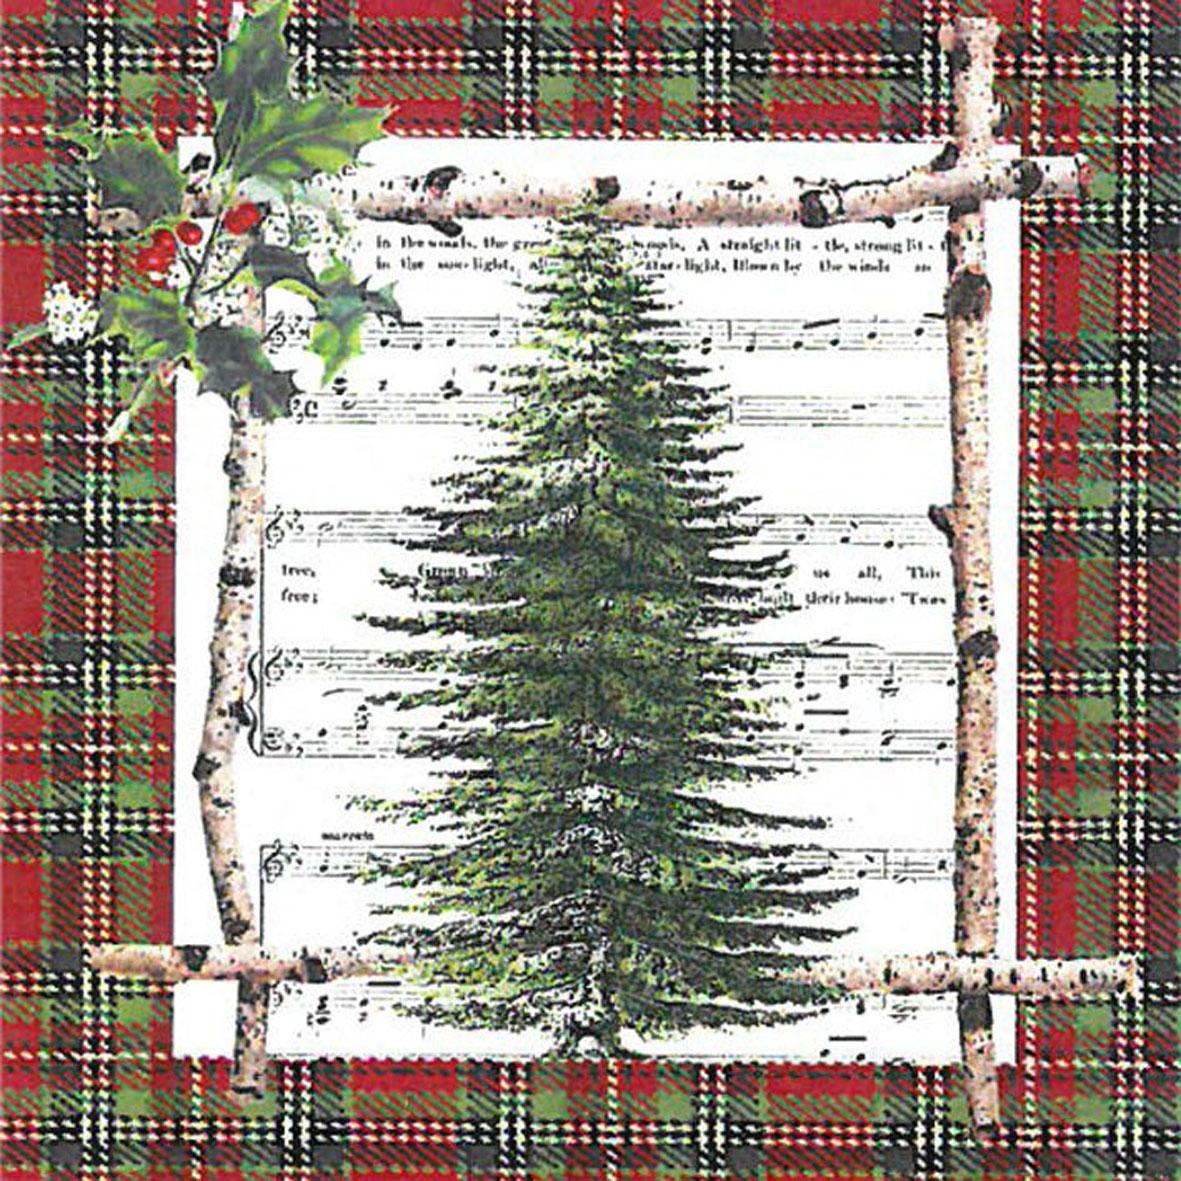 Servietten 33 x 33 cm,  Weihnachten - Weihnachtsbaum,  Weihnachten,  lunchservietten,  Tannenbaum